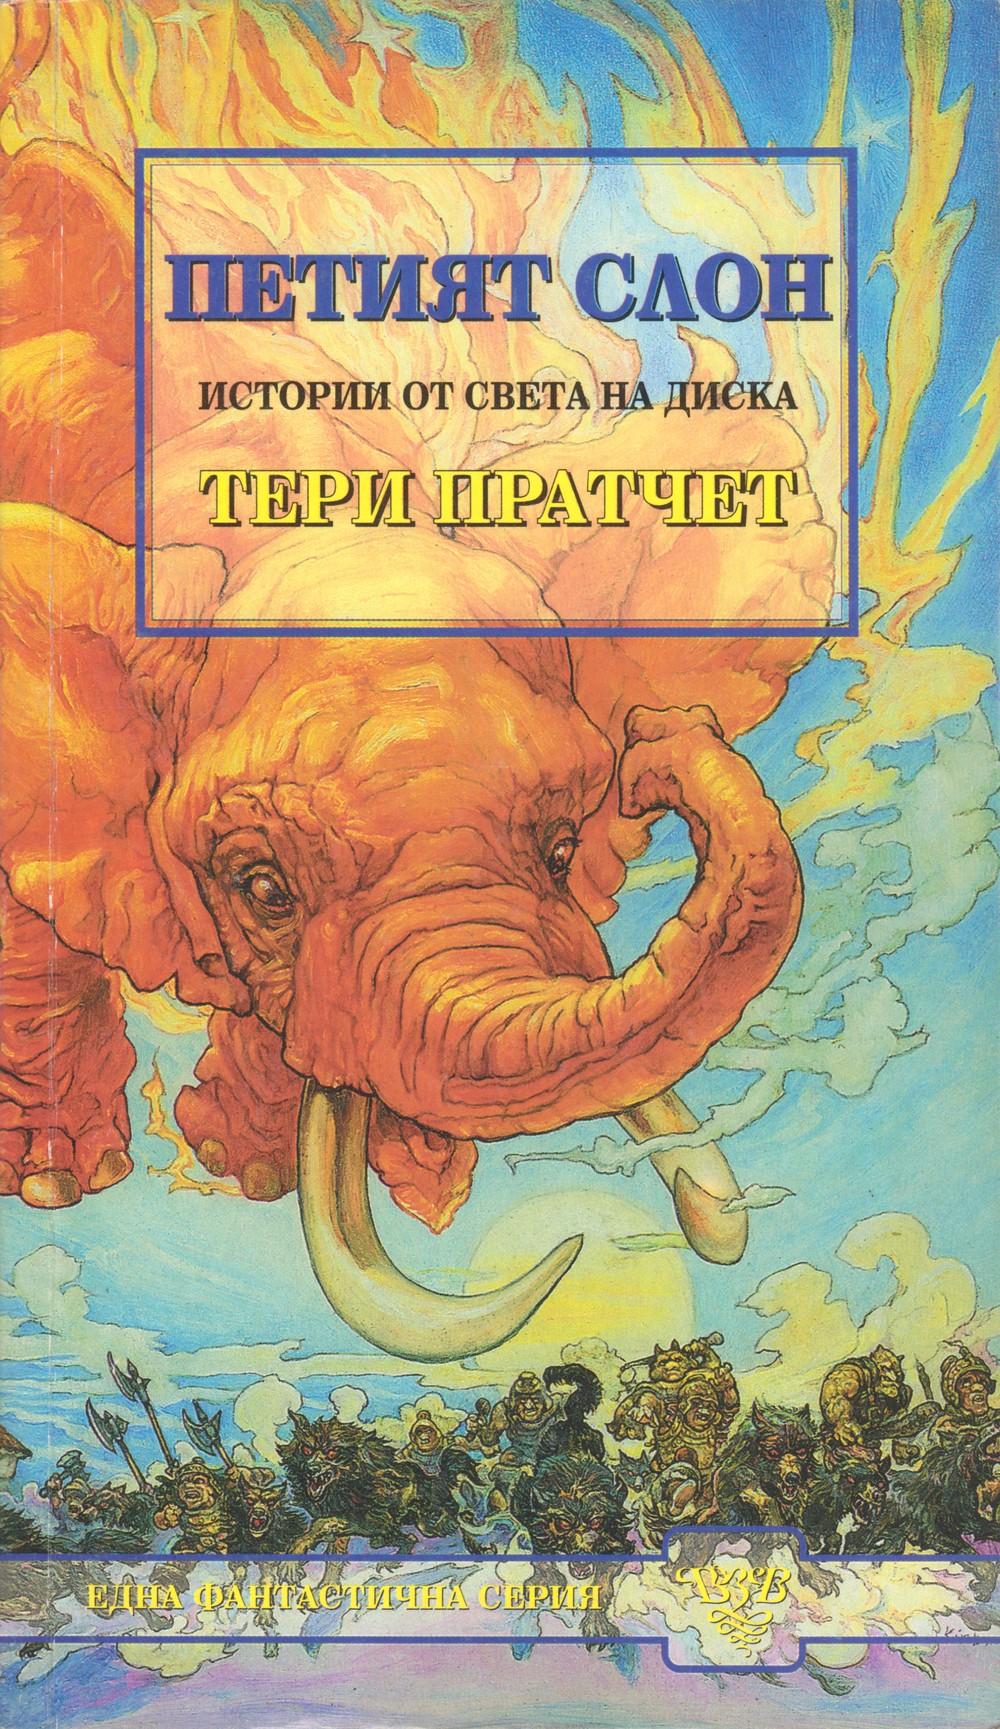 Петият слон (Истории от Света на диска 24)